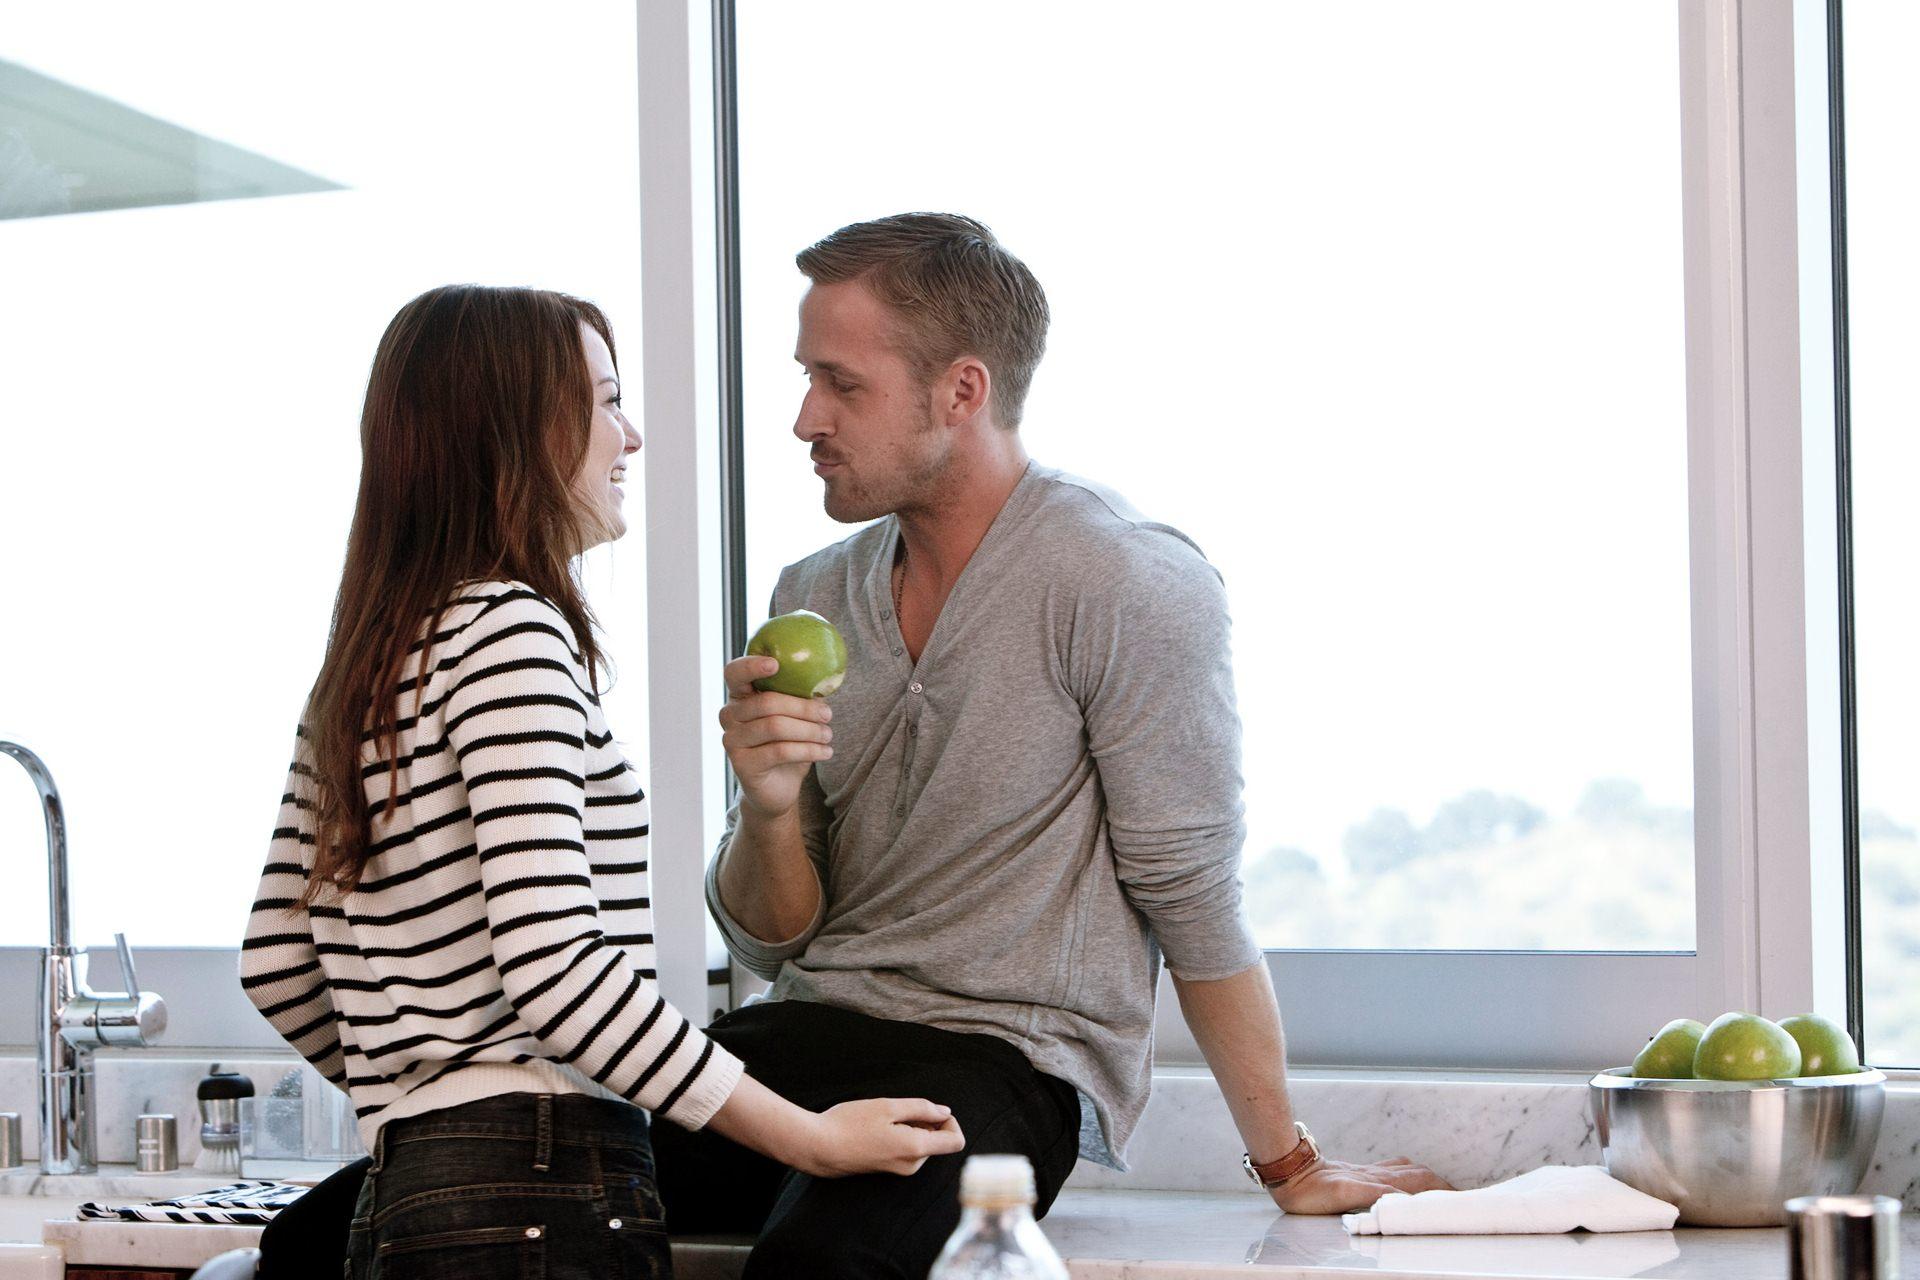 Ryan Gosling, déjà en pleine alchimie avec Emma Stone dans Crazy Stupid Love